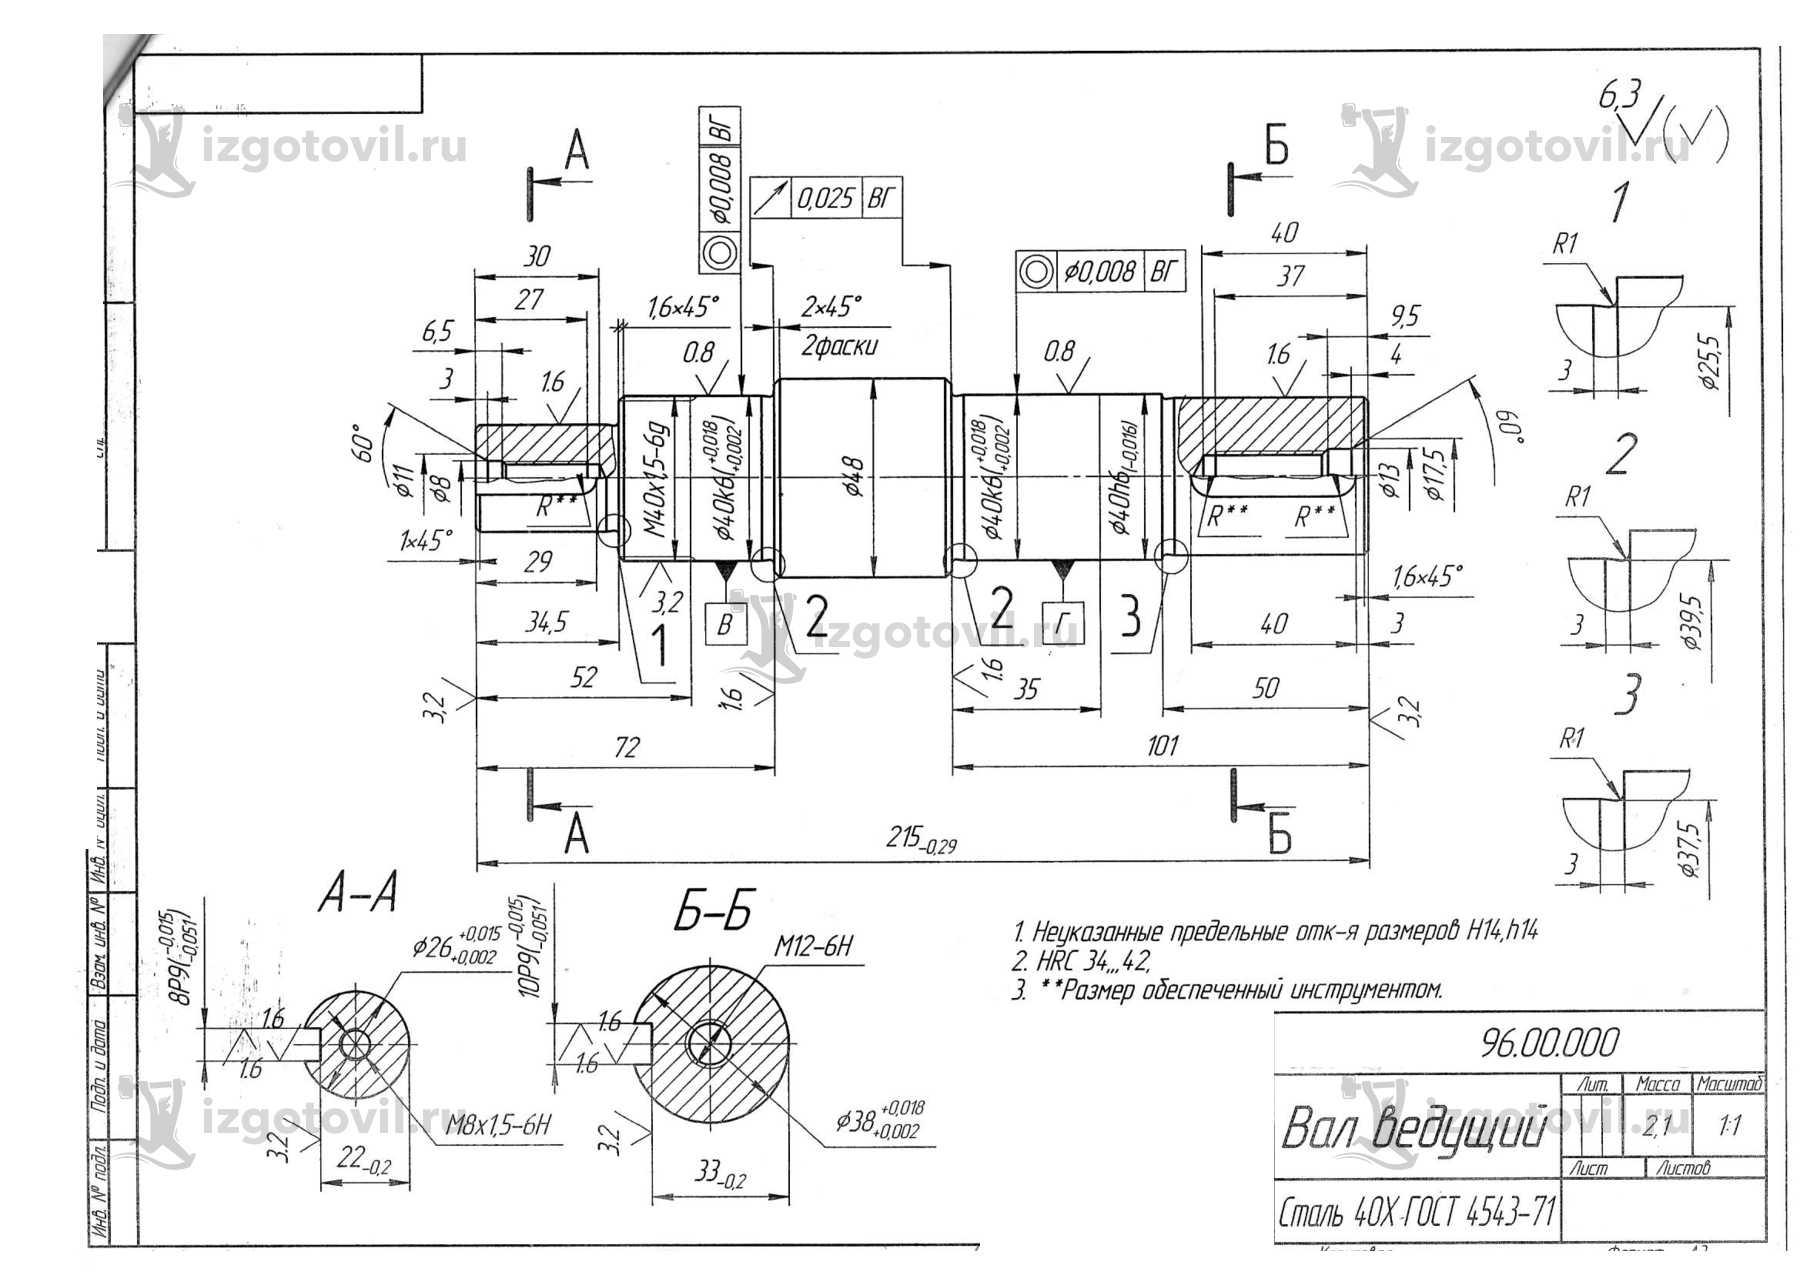 Изготовление деталей по чертежам - изготовление шестерни, вала, фланца, колеса, рейки